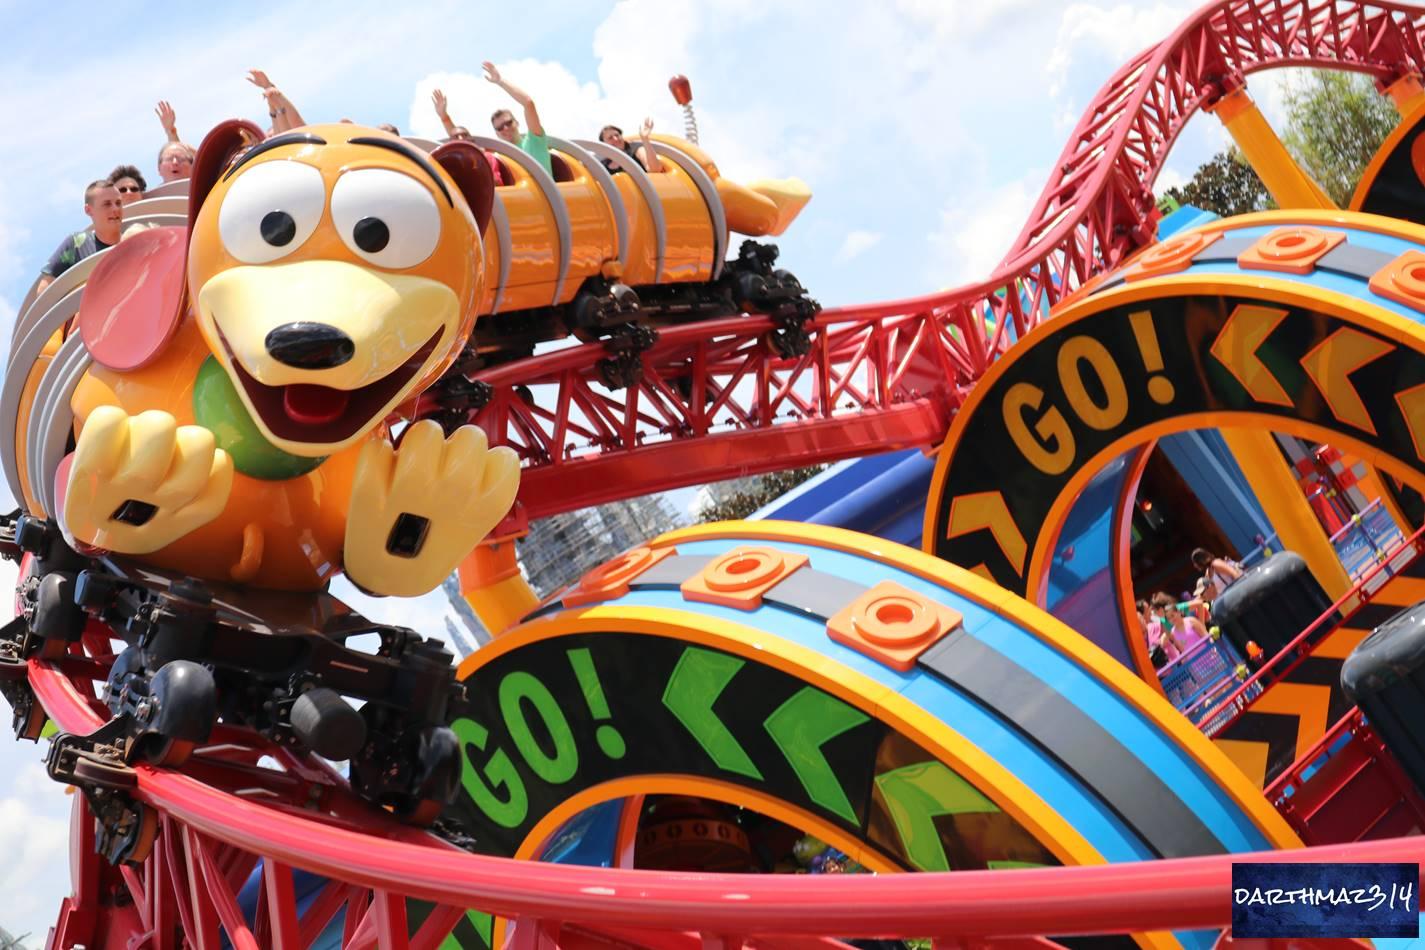 darthmaz314: Slinky Dog Dash Full POV Ride-Through - darthmaz314 Walt  Disney World Video Featurette